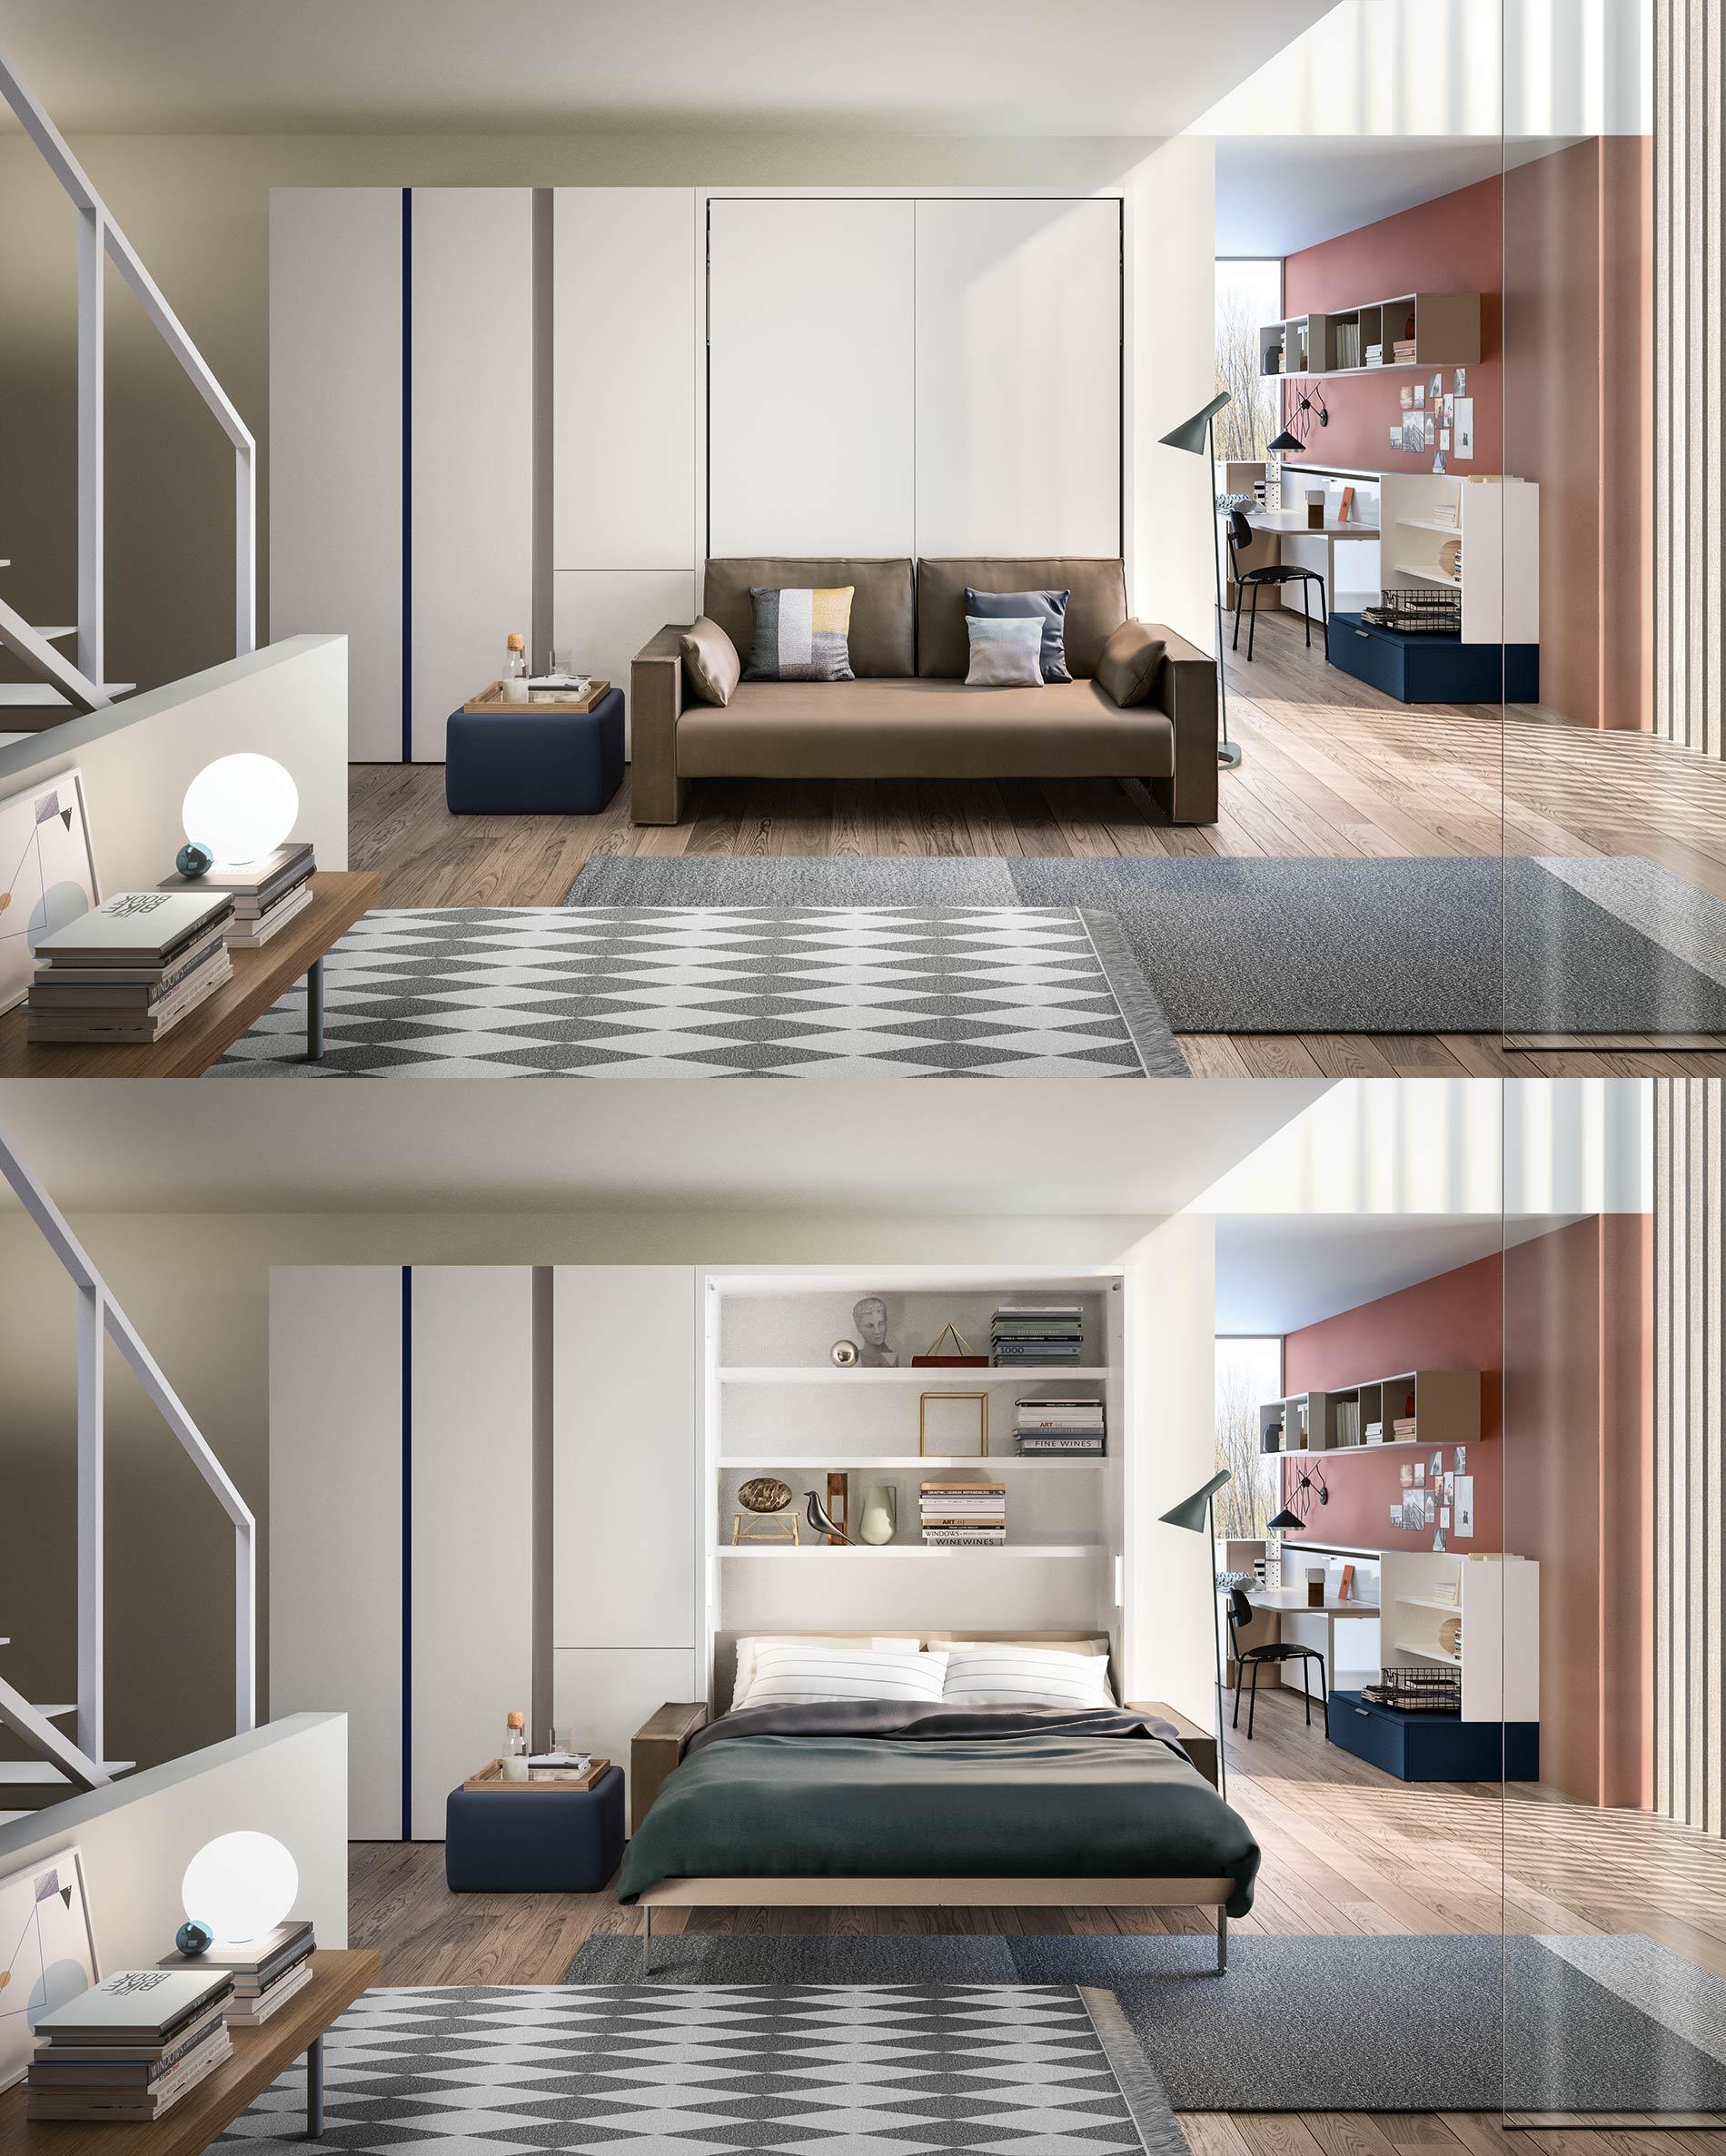 Schrankbett Mit Liegefläche 160x200 Cm